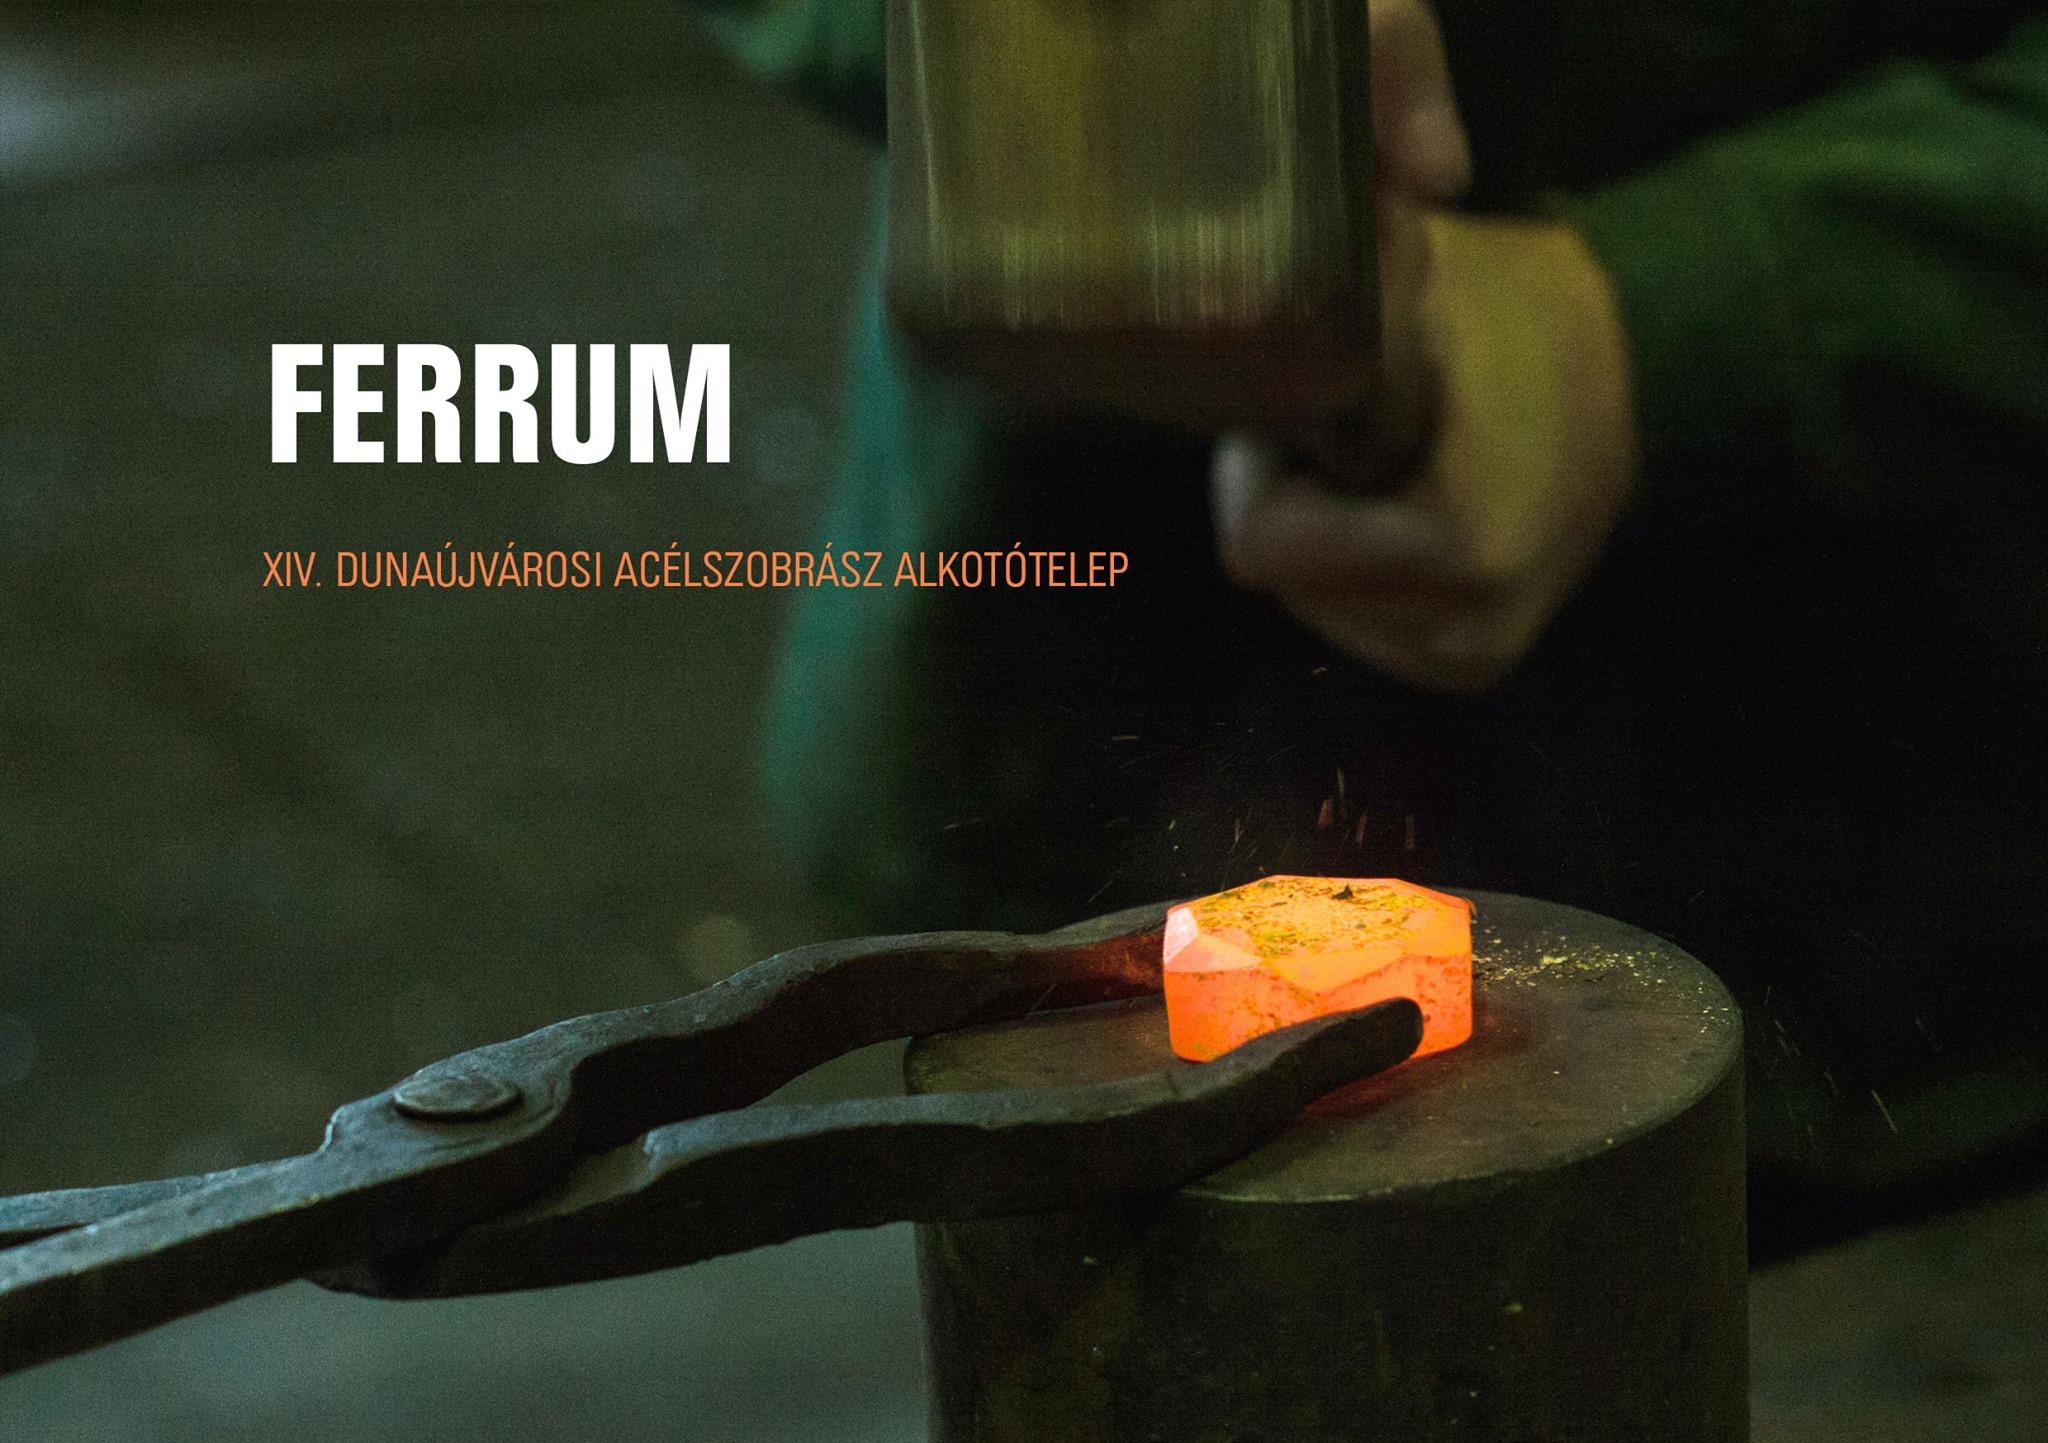 Ferrum - XIV. Dunaújvárosi Acélszobrász Alkotótelep